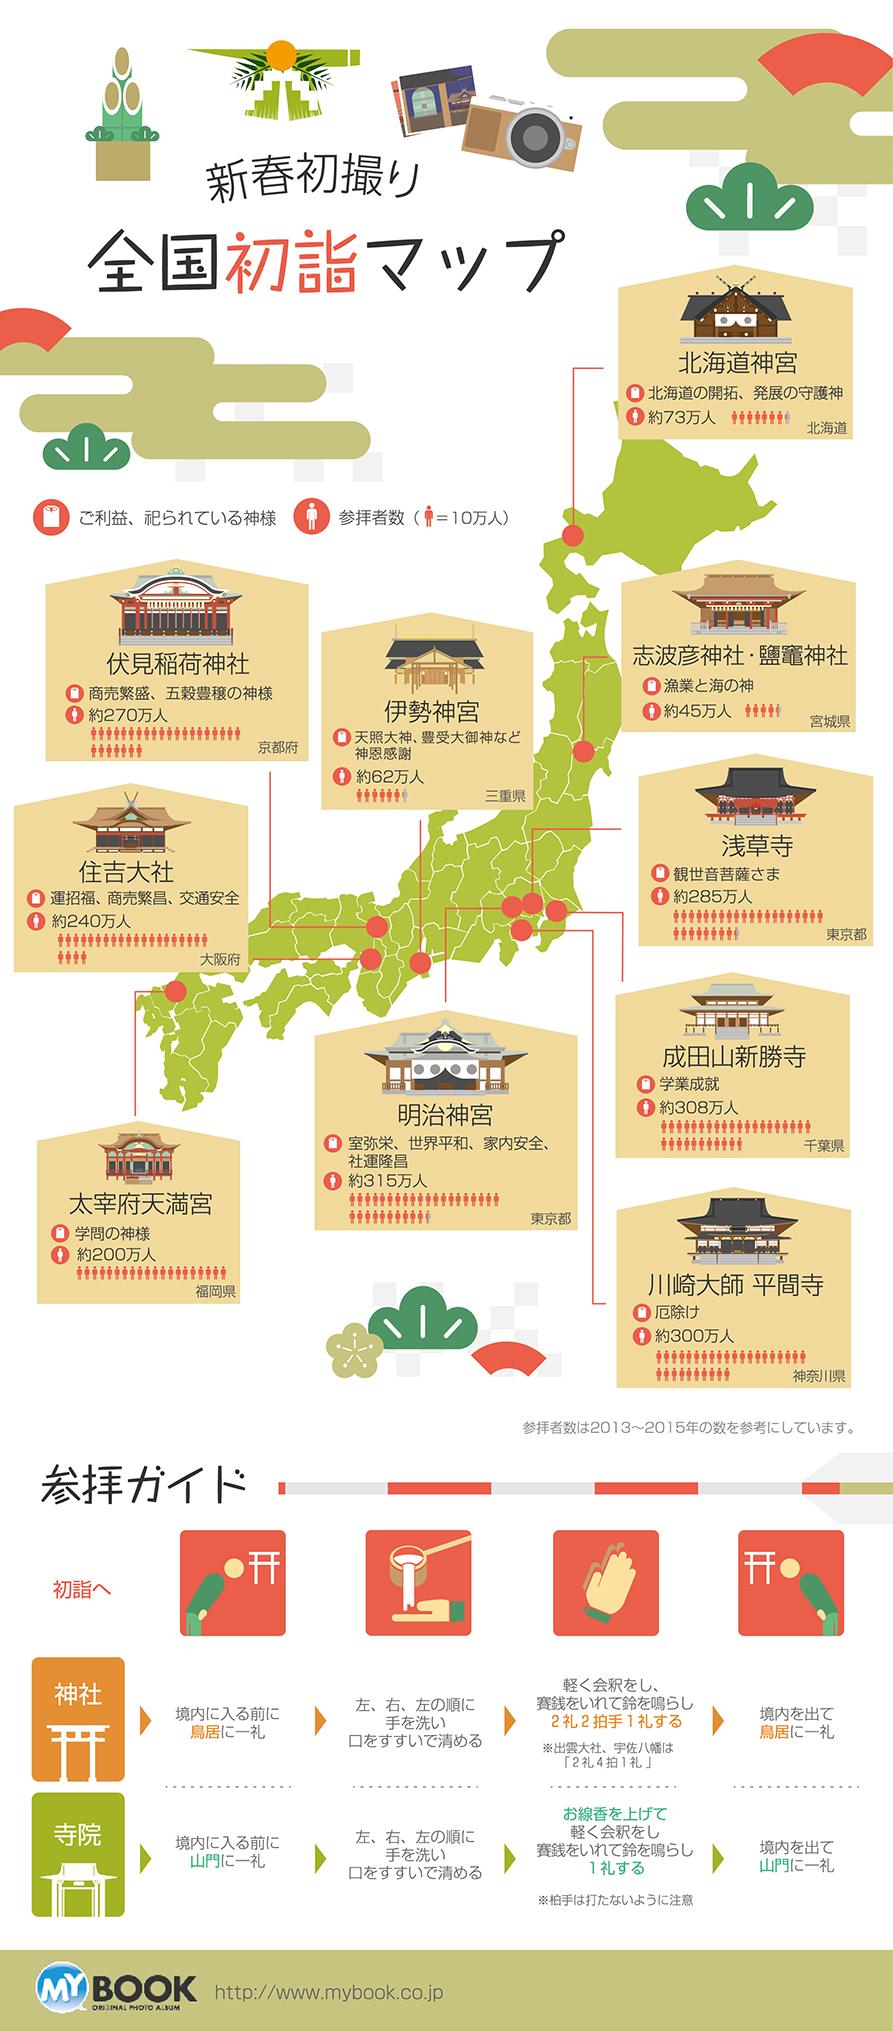 インフォグラフィック:インフォグラフィック:初詣人気ランキング。神社参拝者数が多いのはどこ?